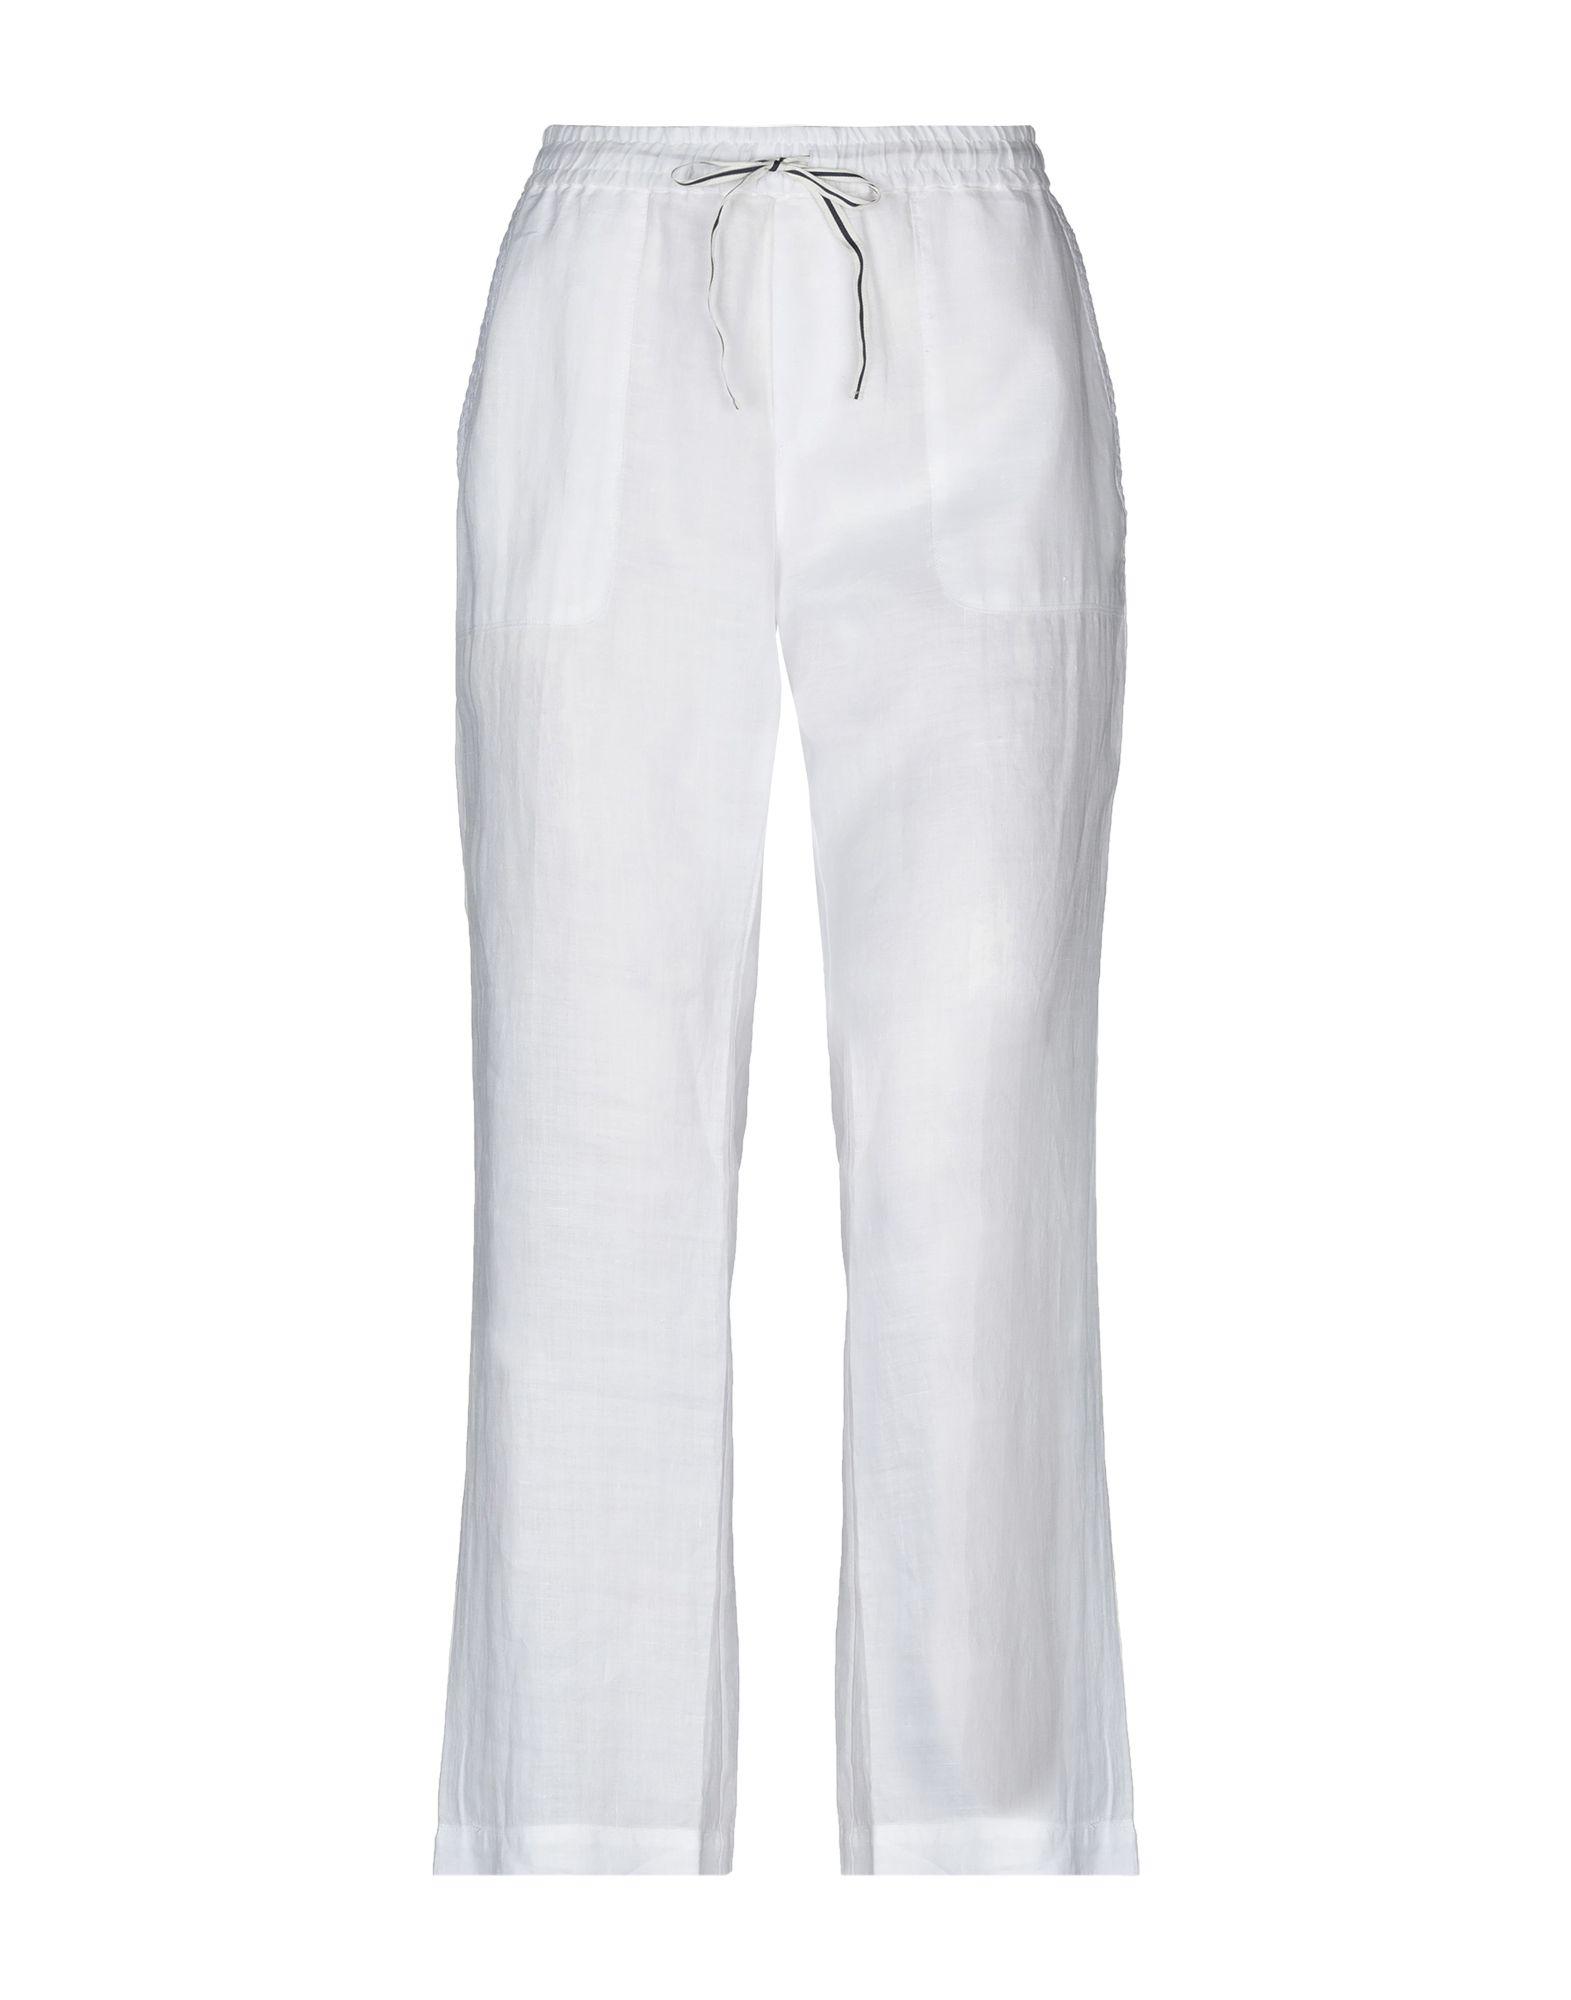 MARINA YACHTING Повседневные брюки marina yachting повседневные брюки